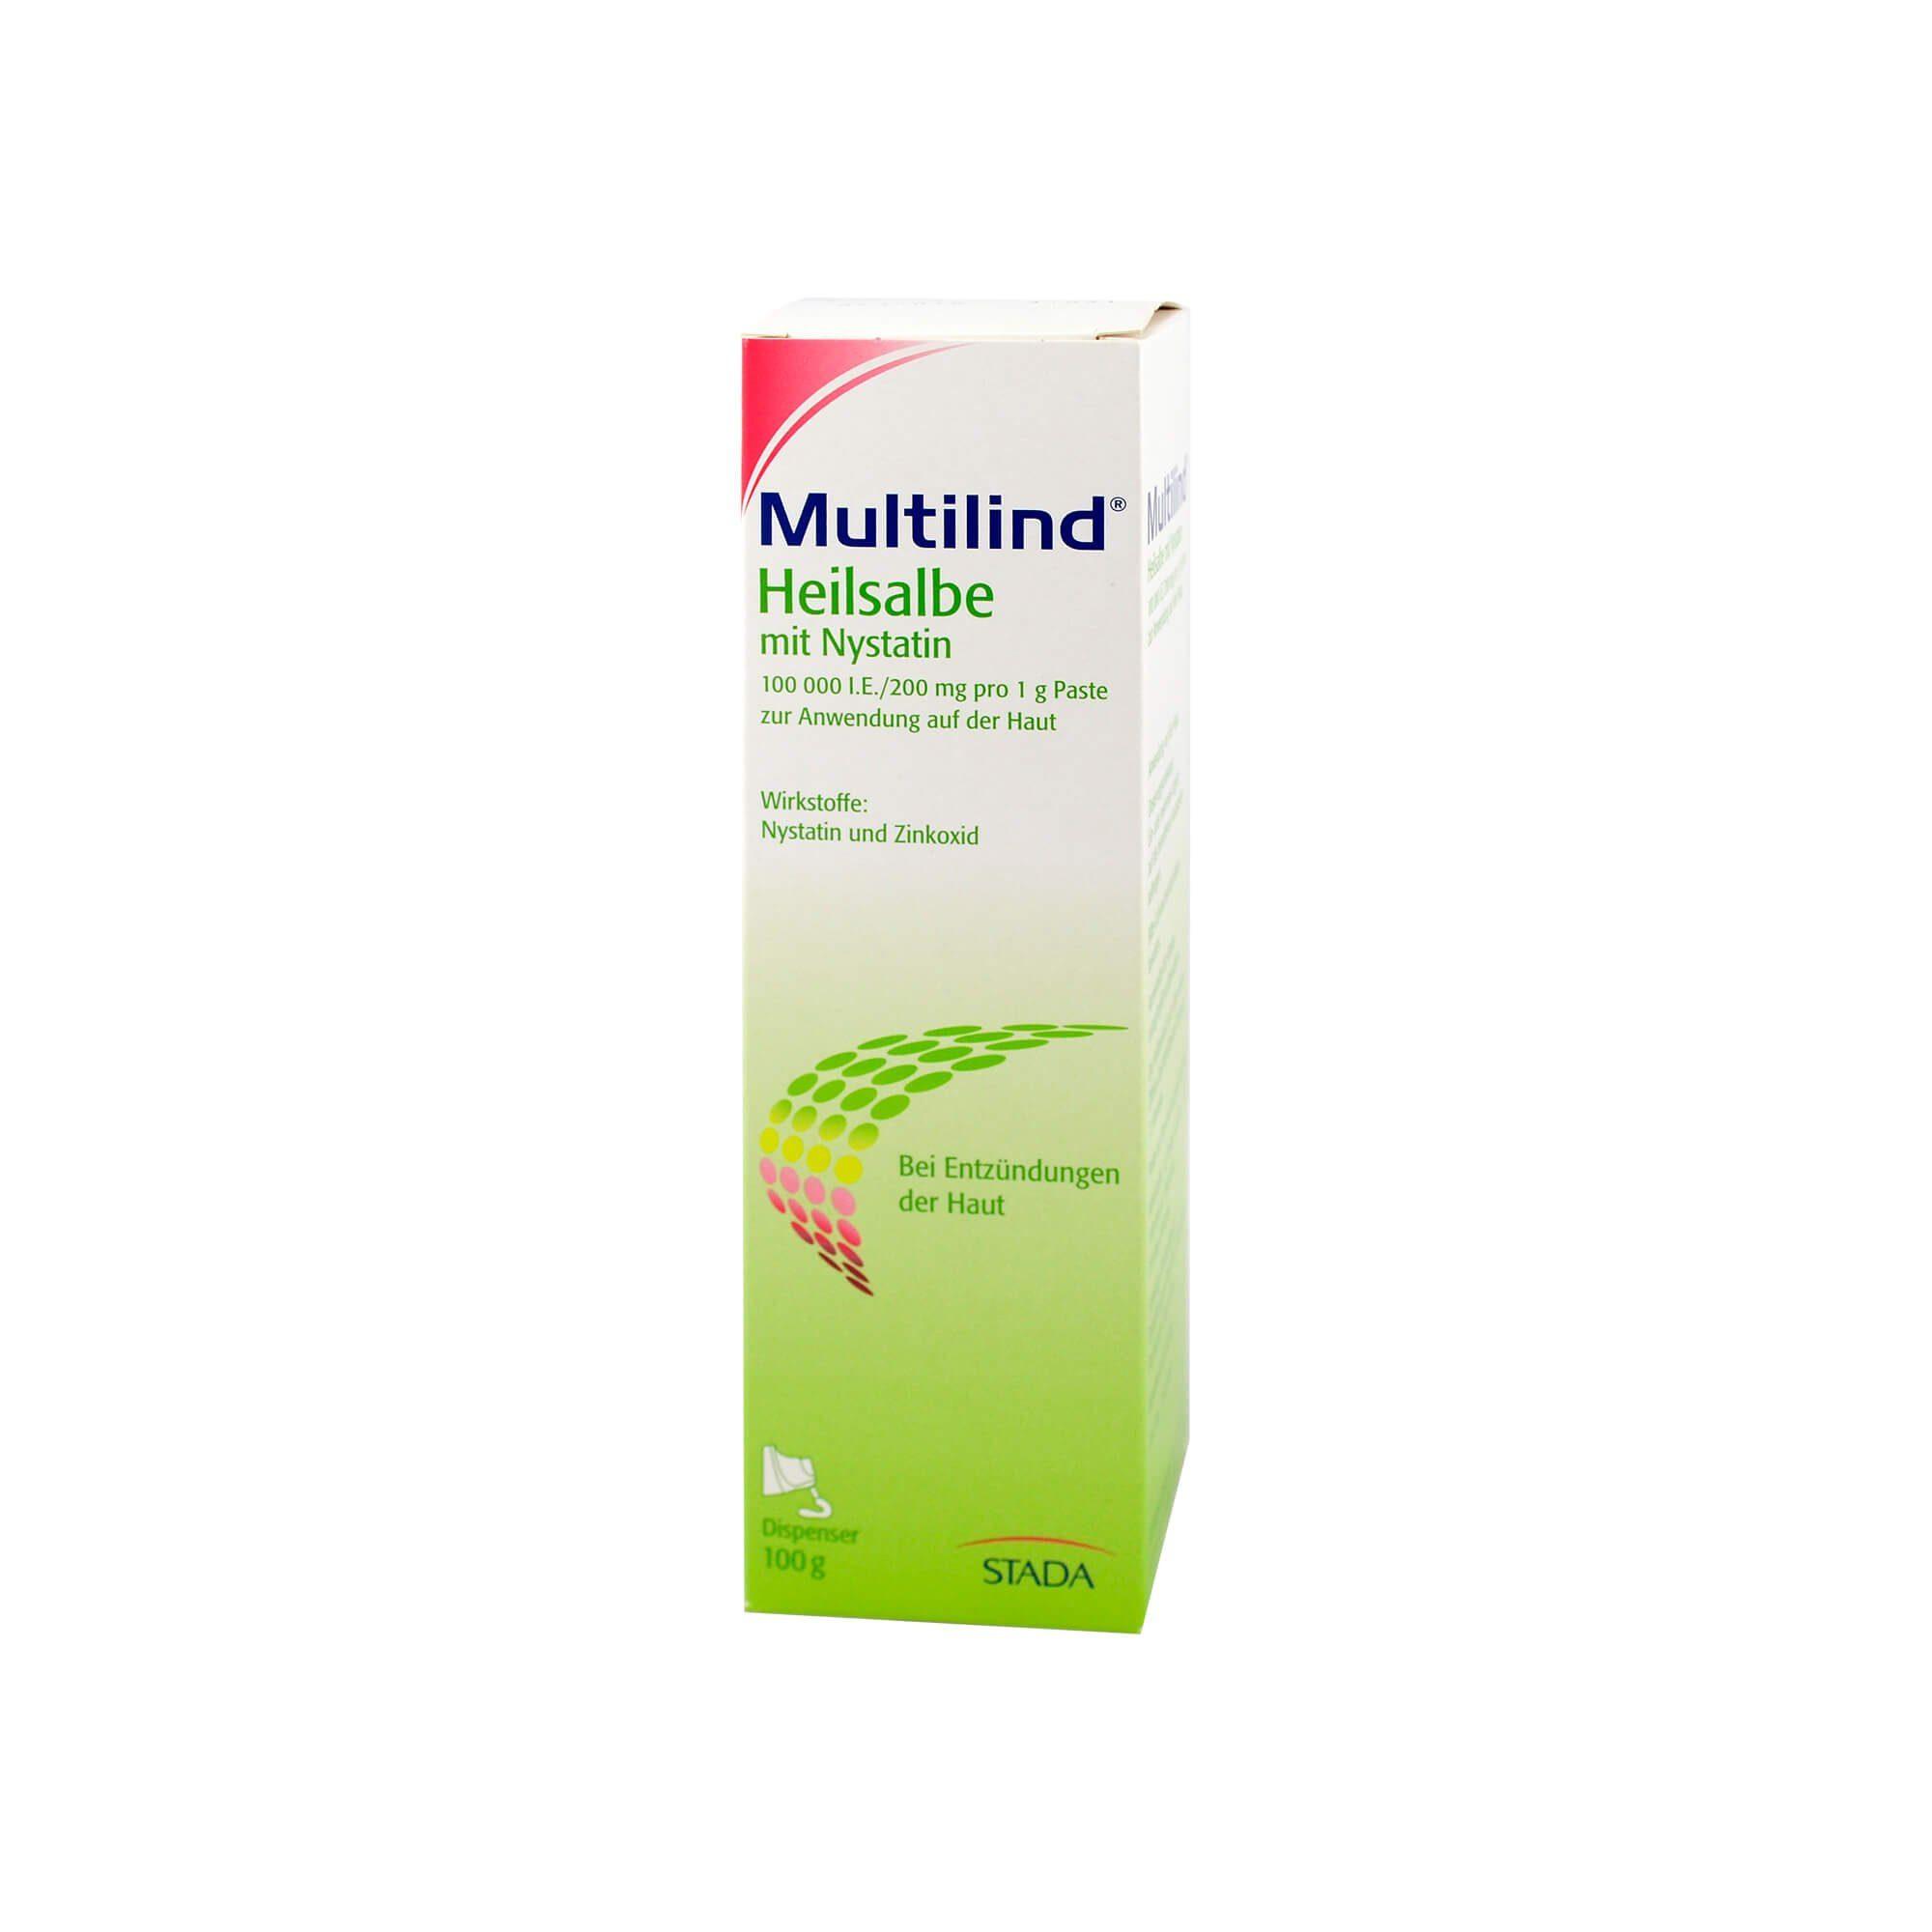 Multilind Heilsalbe mit Nystatin und Zinkoxid, 100 g